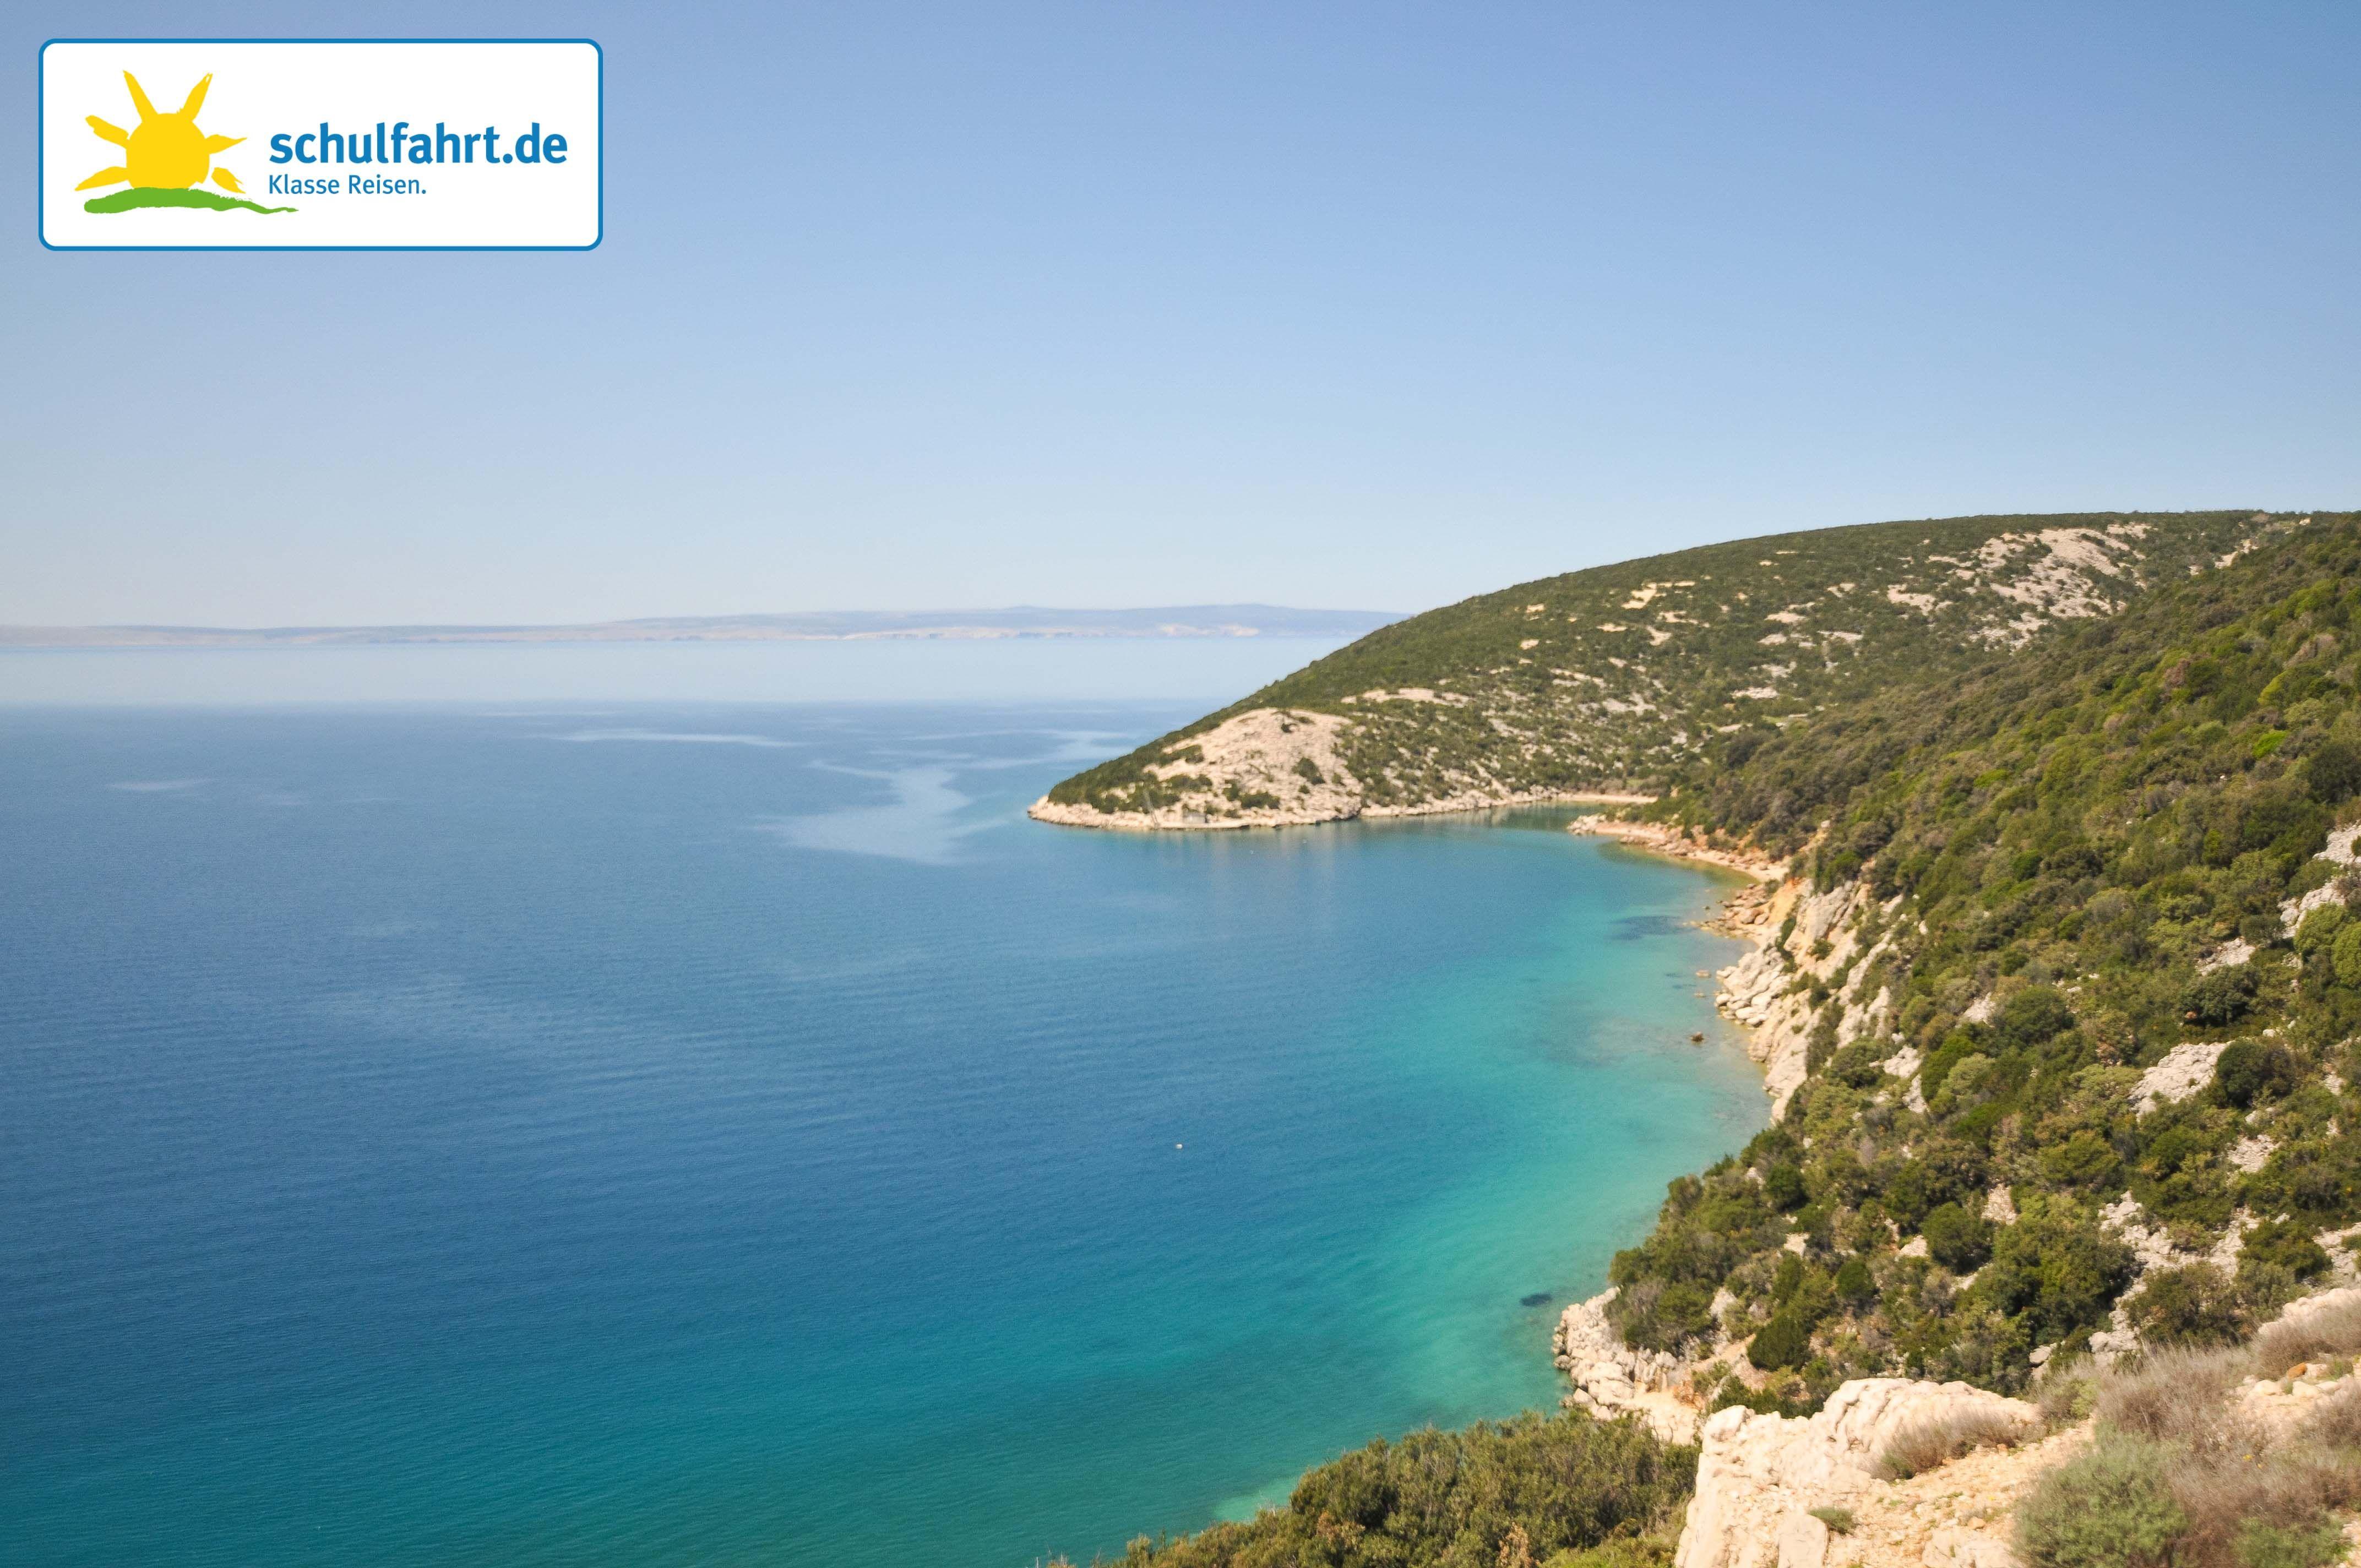 Die Insel Rab in Kroatien. www.schulfahrt.de #Kroatien #Rab